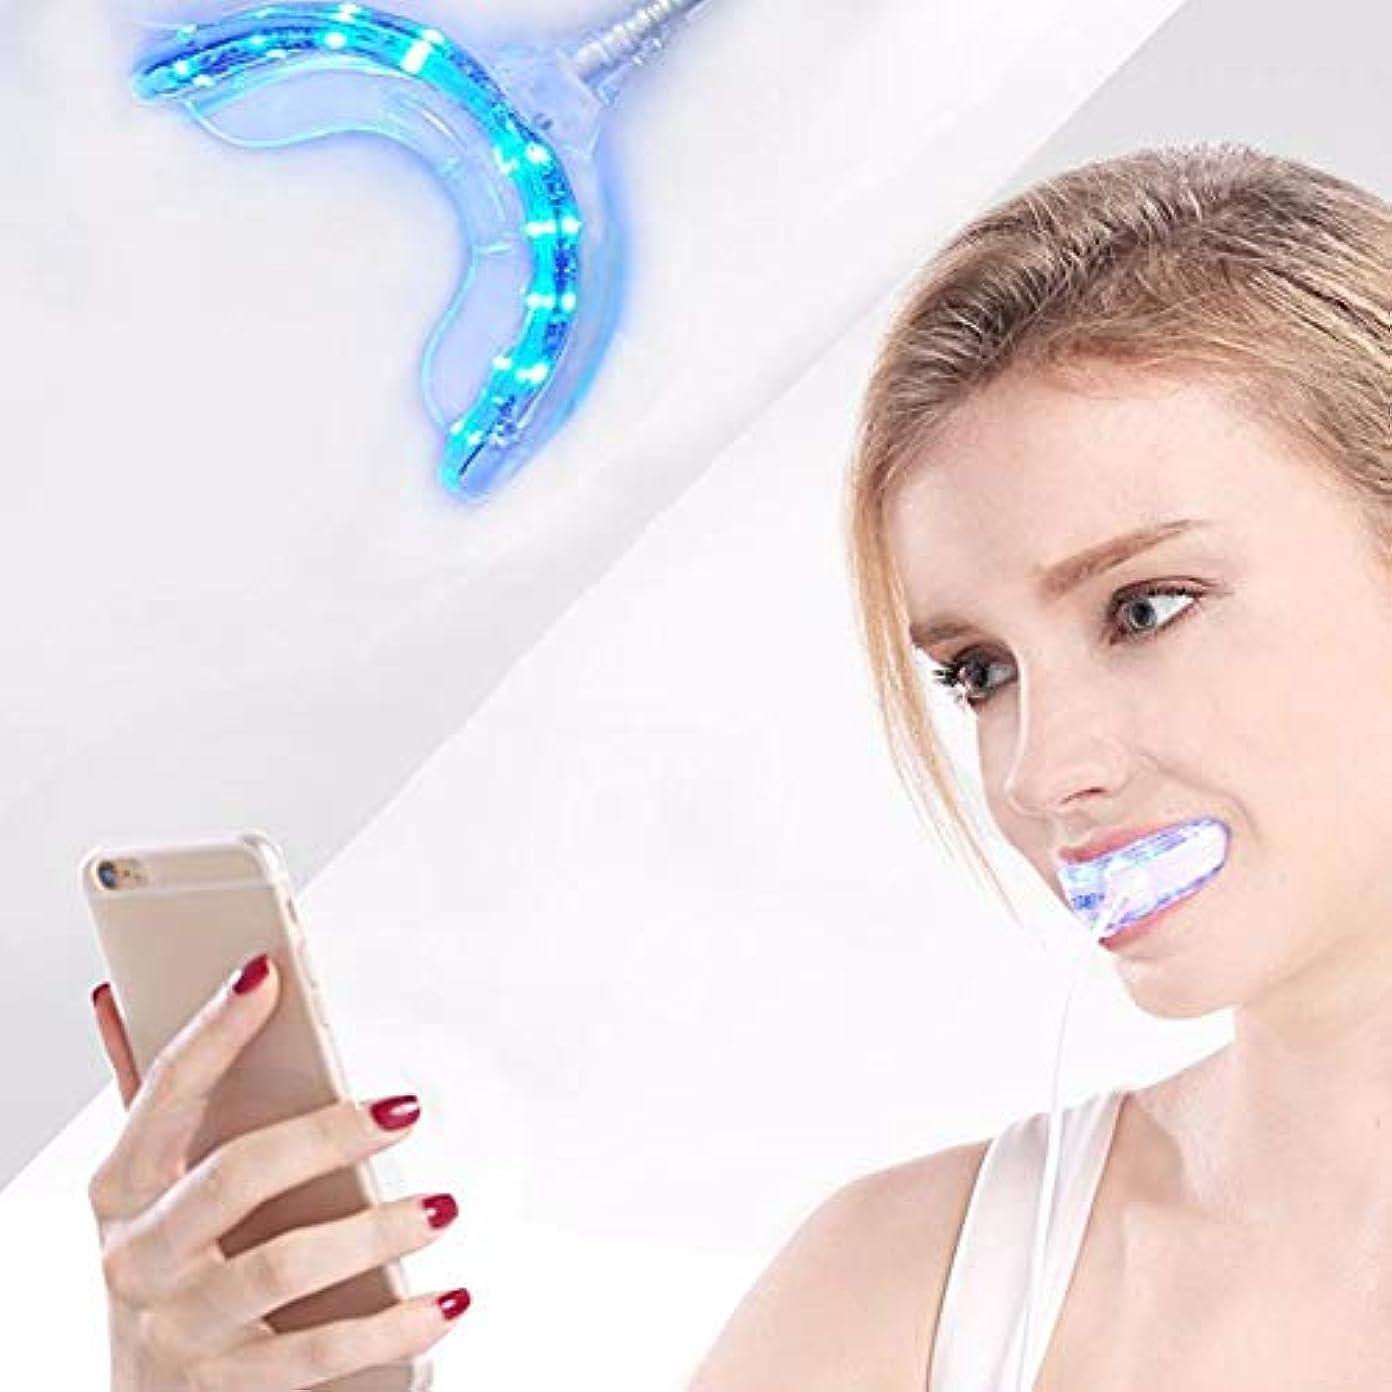 発疹開示する未払い人間の特徴をもつIOSの歯科漂白システム防水歯を白くするための装置3 USB港を白くする携帯用スマートなLEDの歯